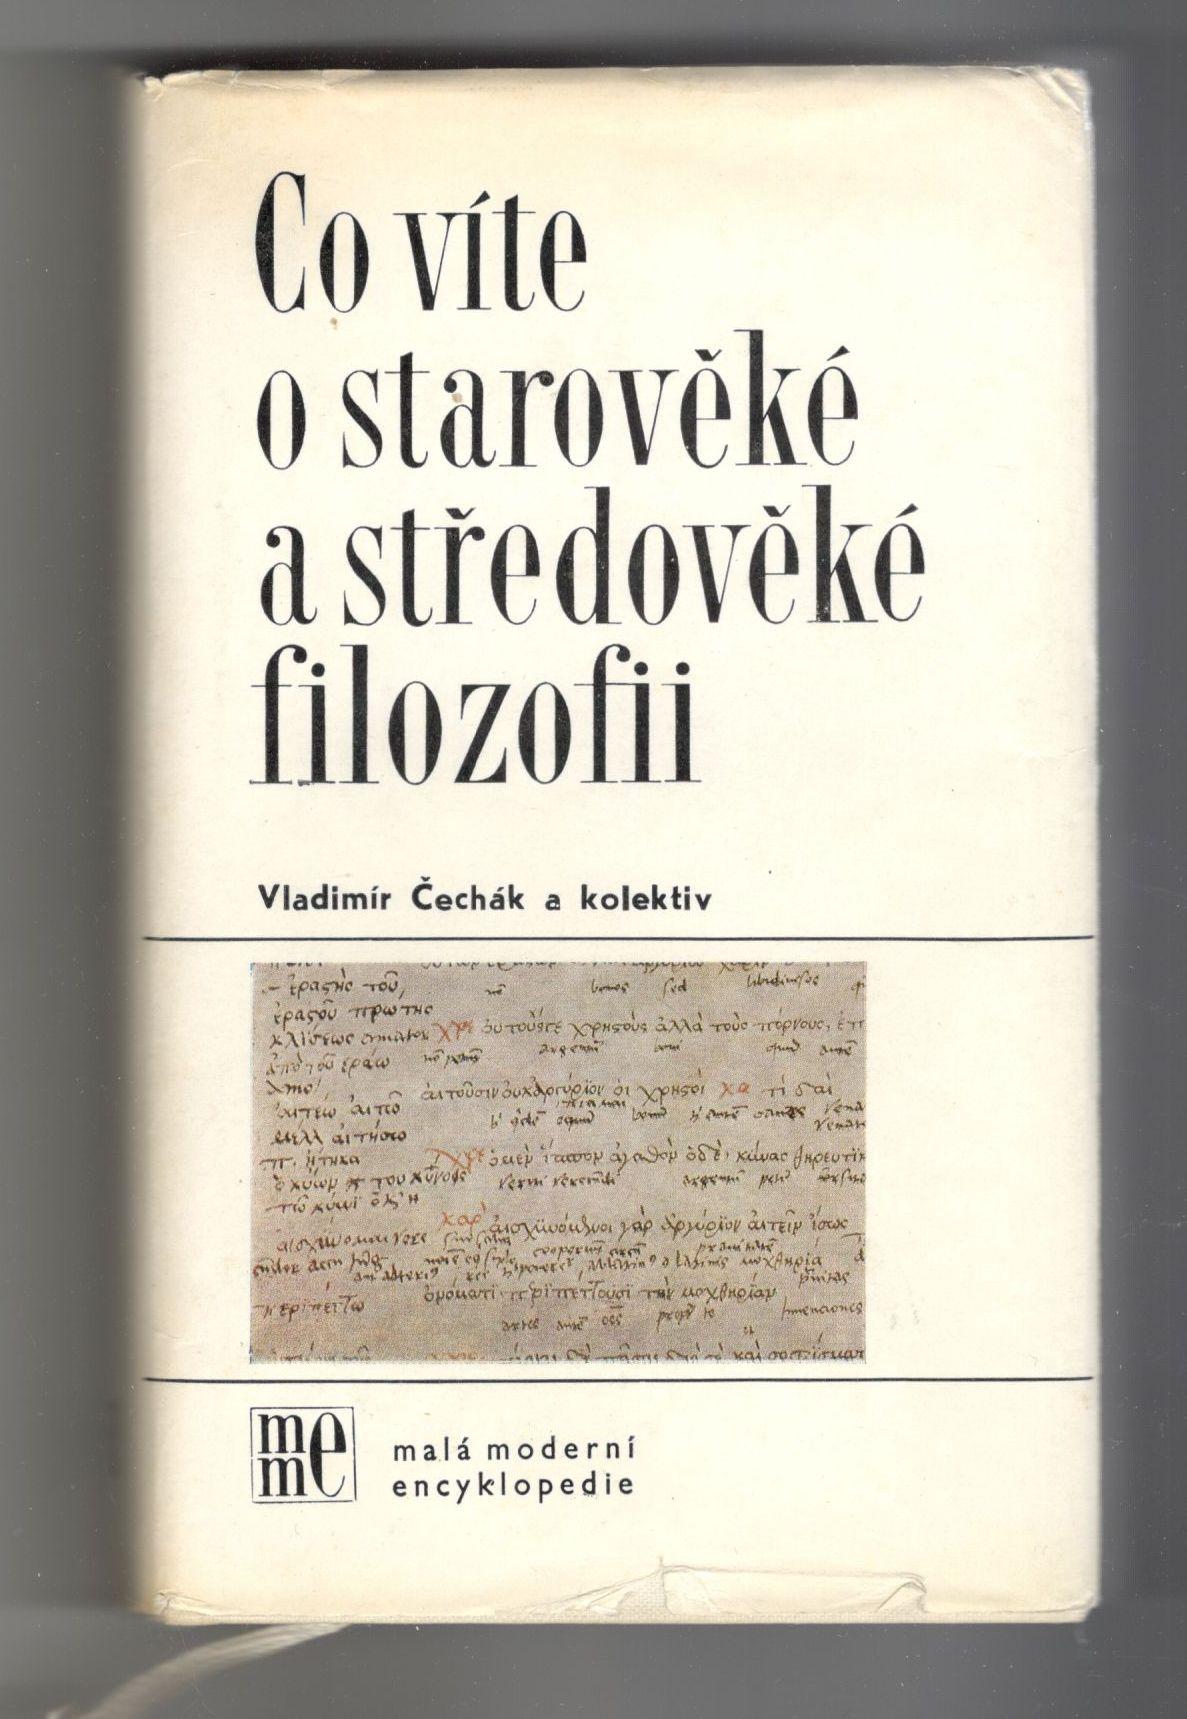 Co víte o starověké a středověké filozofii - Vladimír Čechák a kolektiv